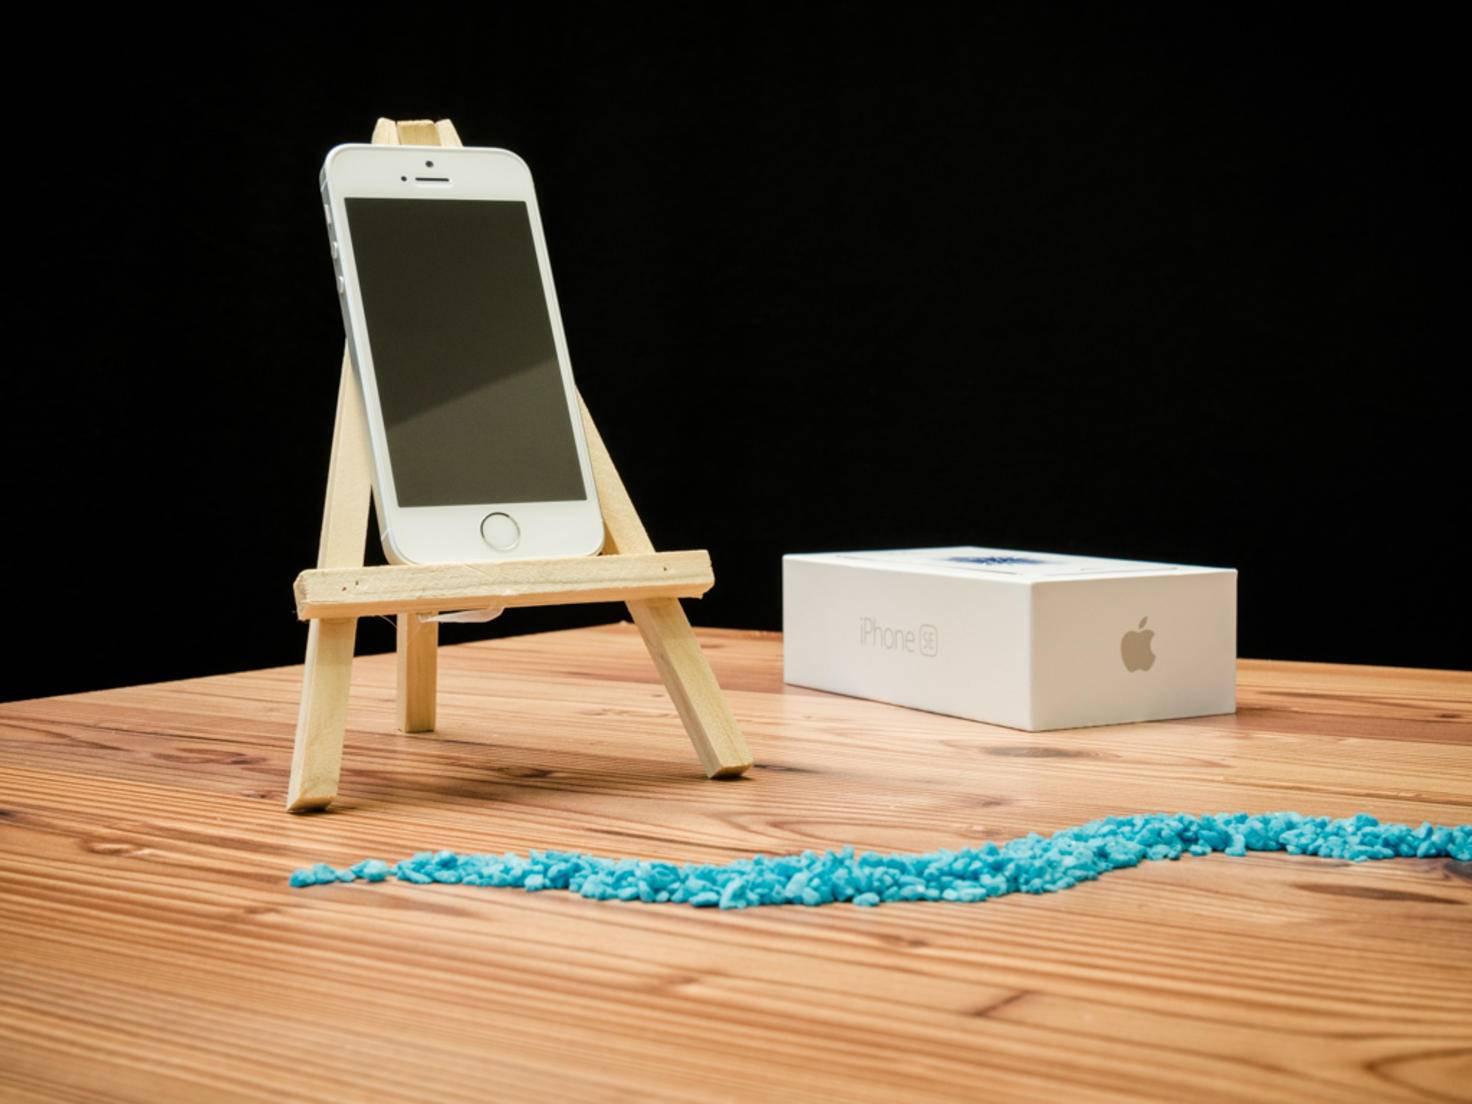 Die Displayauflösung bleibt mit 1136 x 640 Pixeln im Vergleich zum iPhone 5 unverändert.